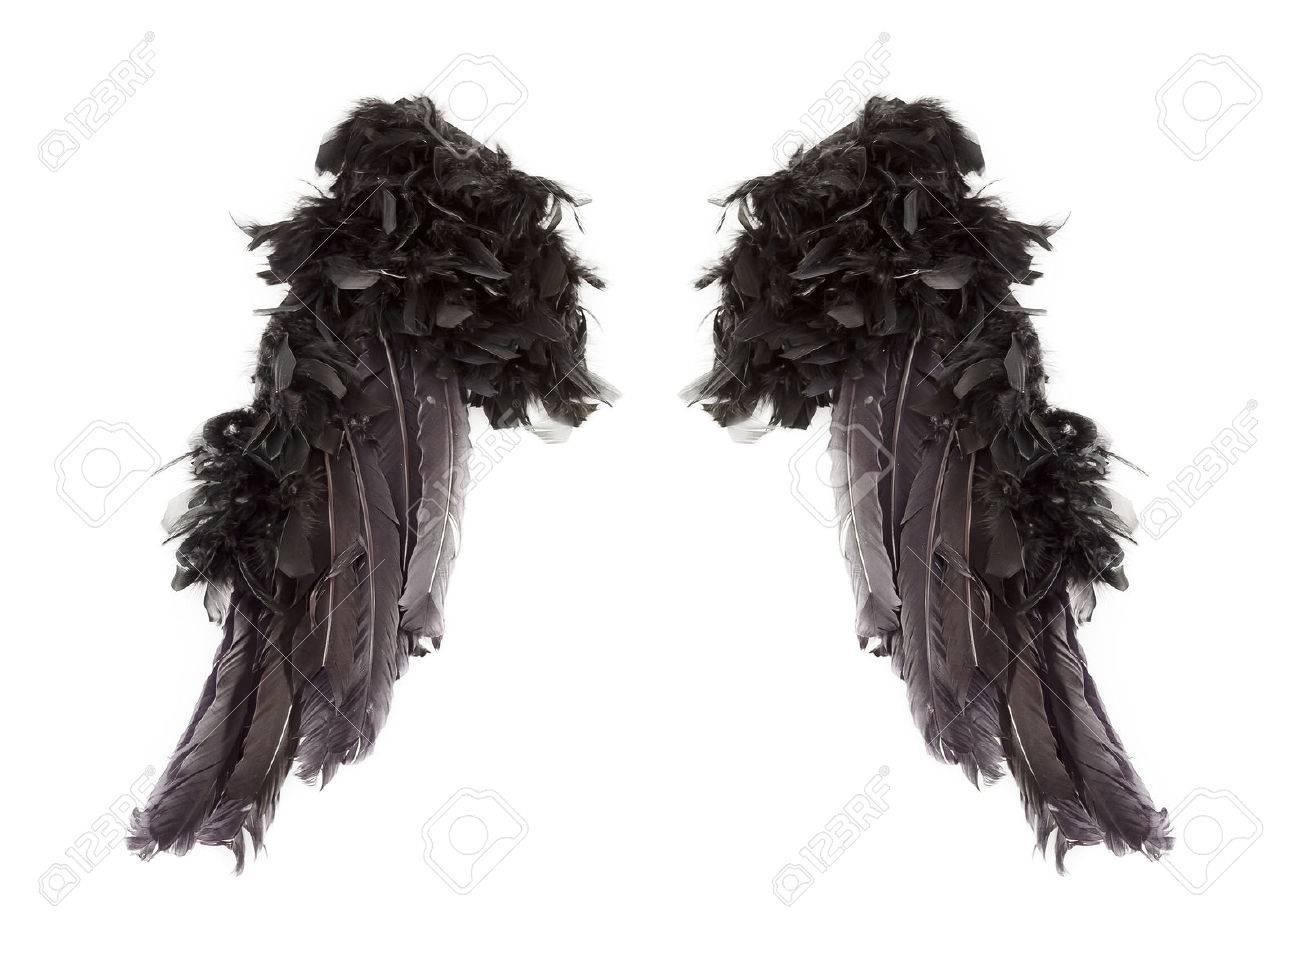 Dark angel wings - 34448588